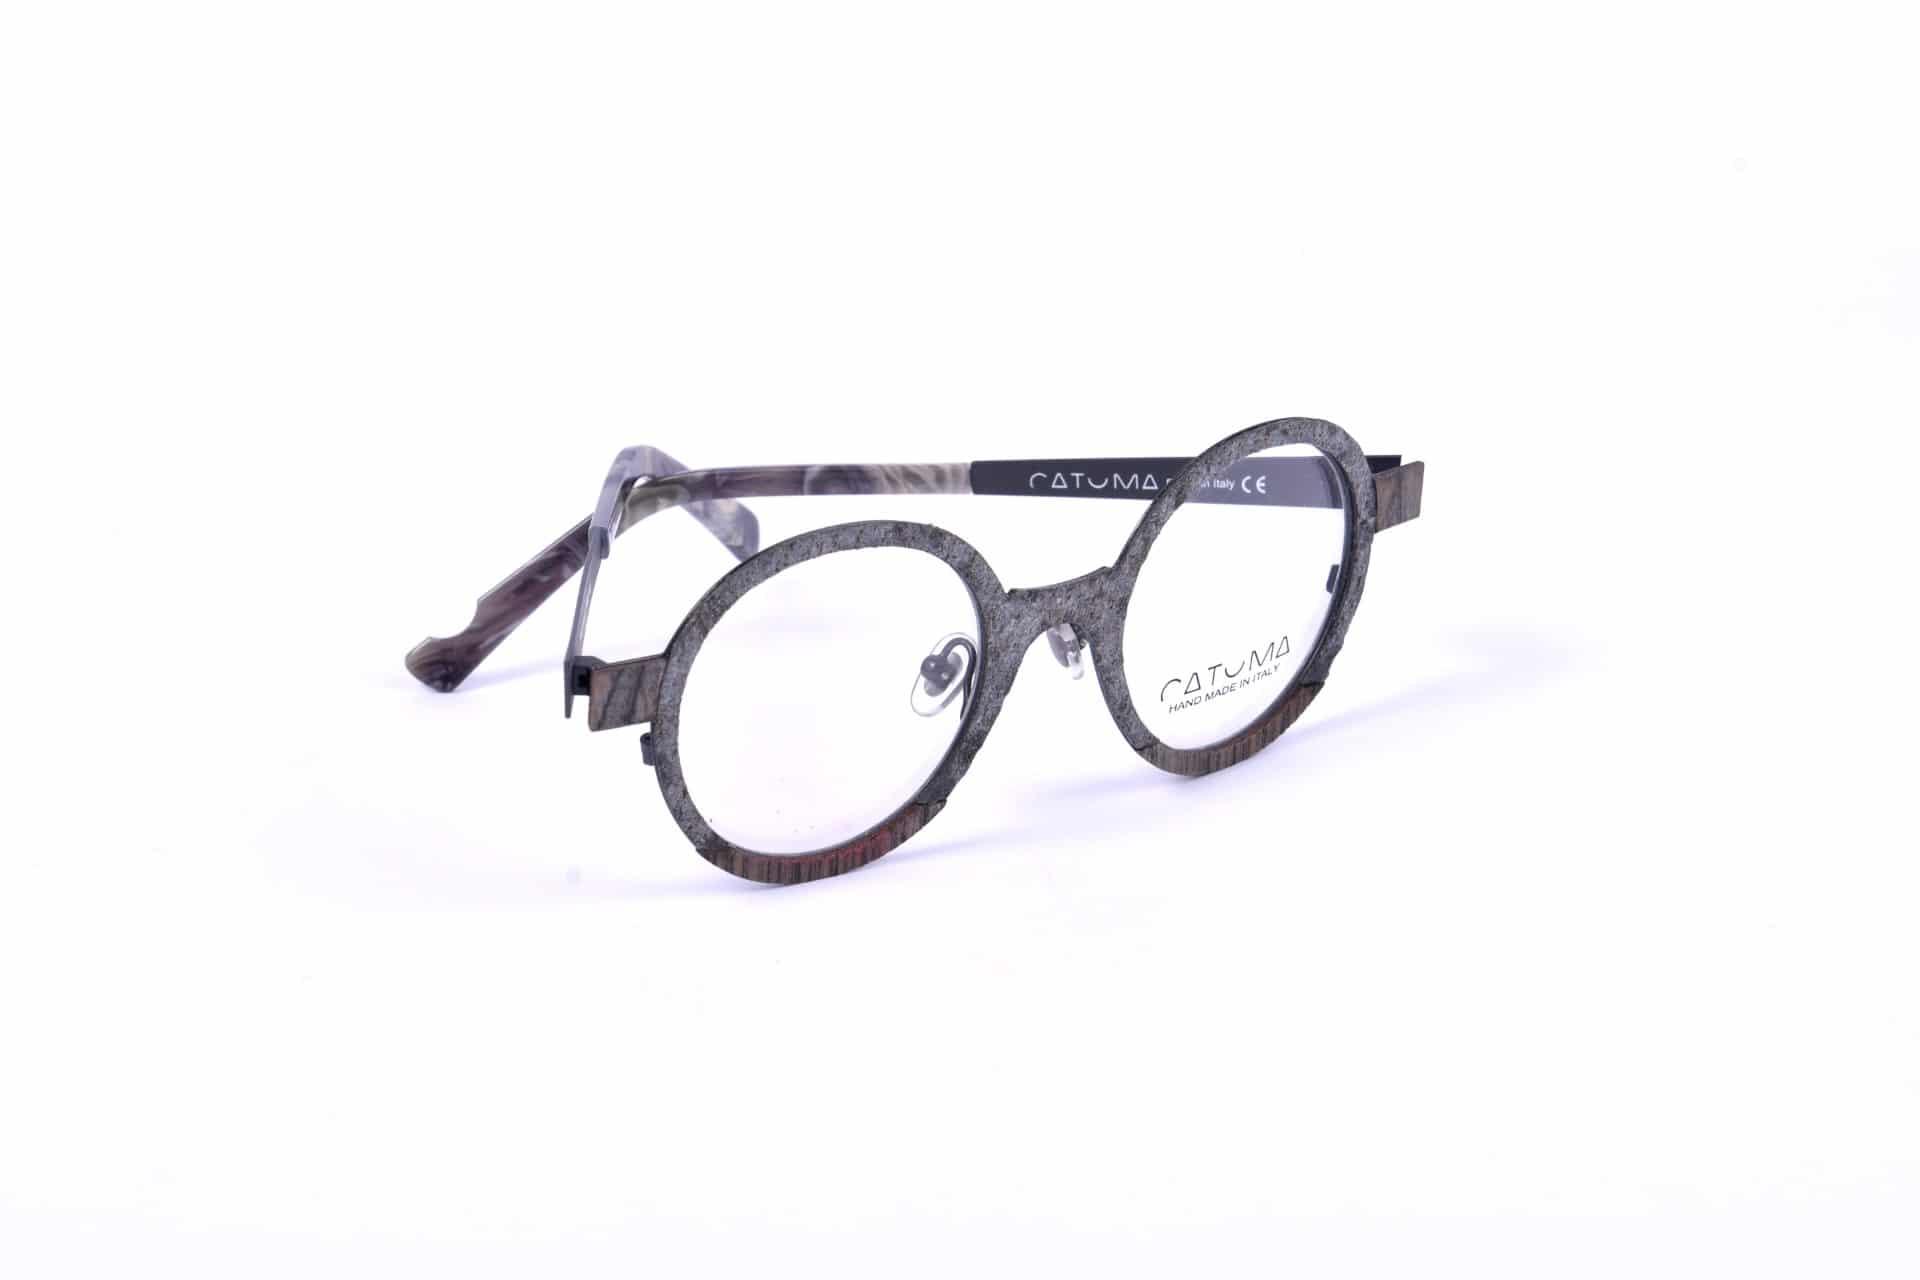 משקפי ראיה מעוצבות - אופטיקה יפעת, אופטומטריסטית מוסמכת